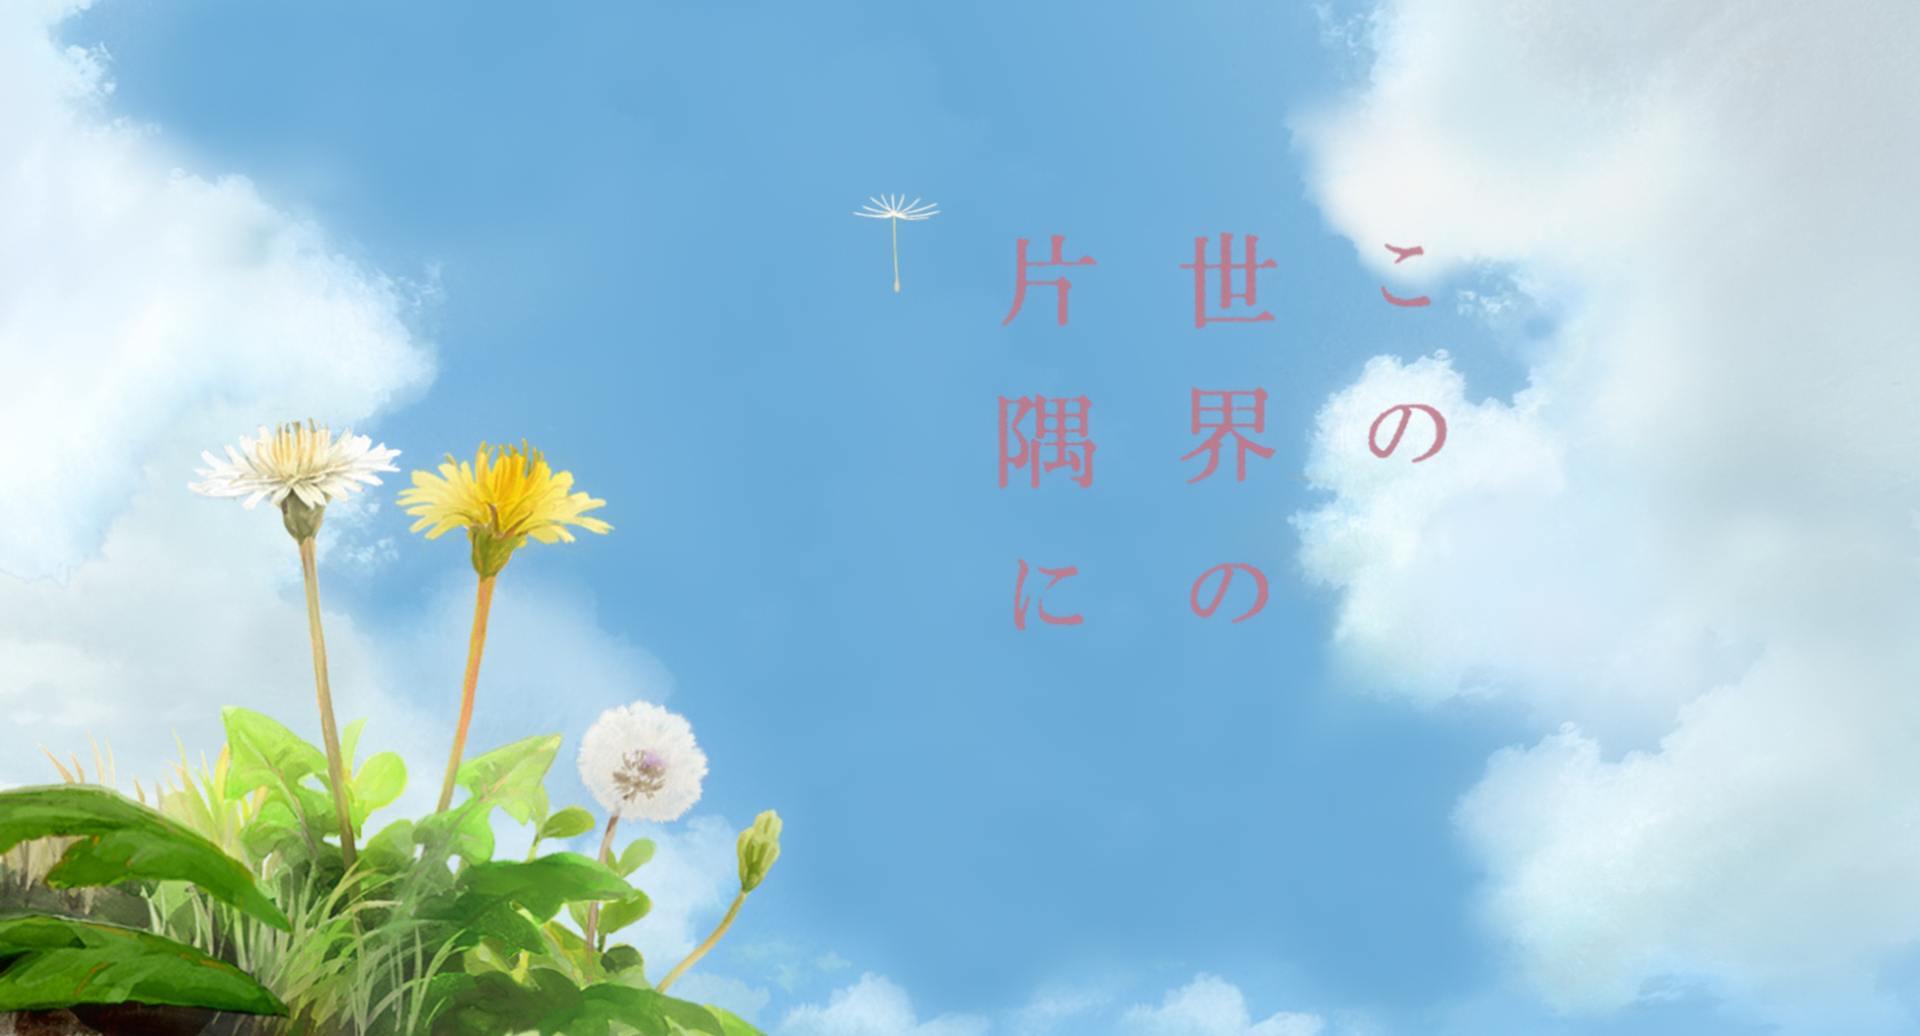 Kono Sekai no Katasumi ni - recenzja anime - rascal.pl